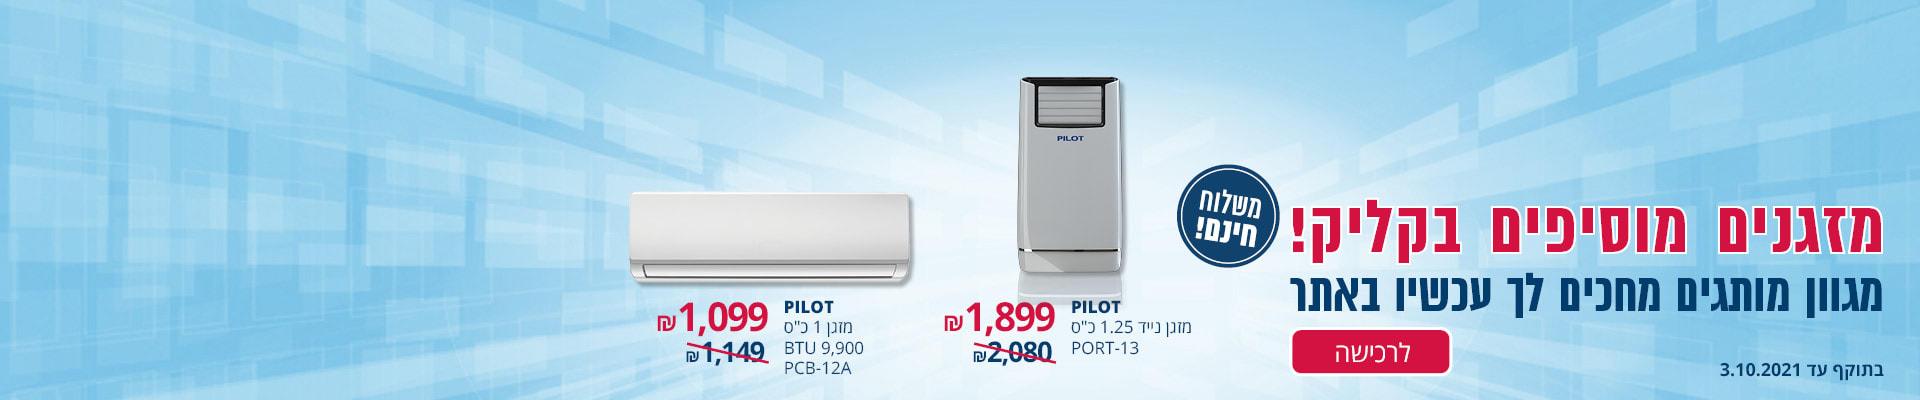 """גם מזגנים? כן! מזגן 1PILOT כ""""ס דגם PCB-12A 1099 ש""""ח,  1899 ₪ מזגן נייד 1.25 כ""""ס PORT 13, . משלוח חינם בתוקף עד 3.10.2021"""